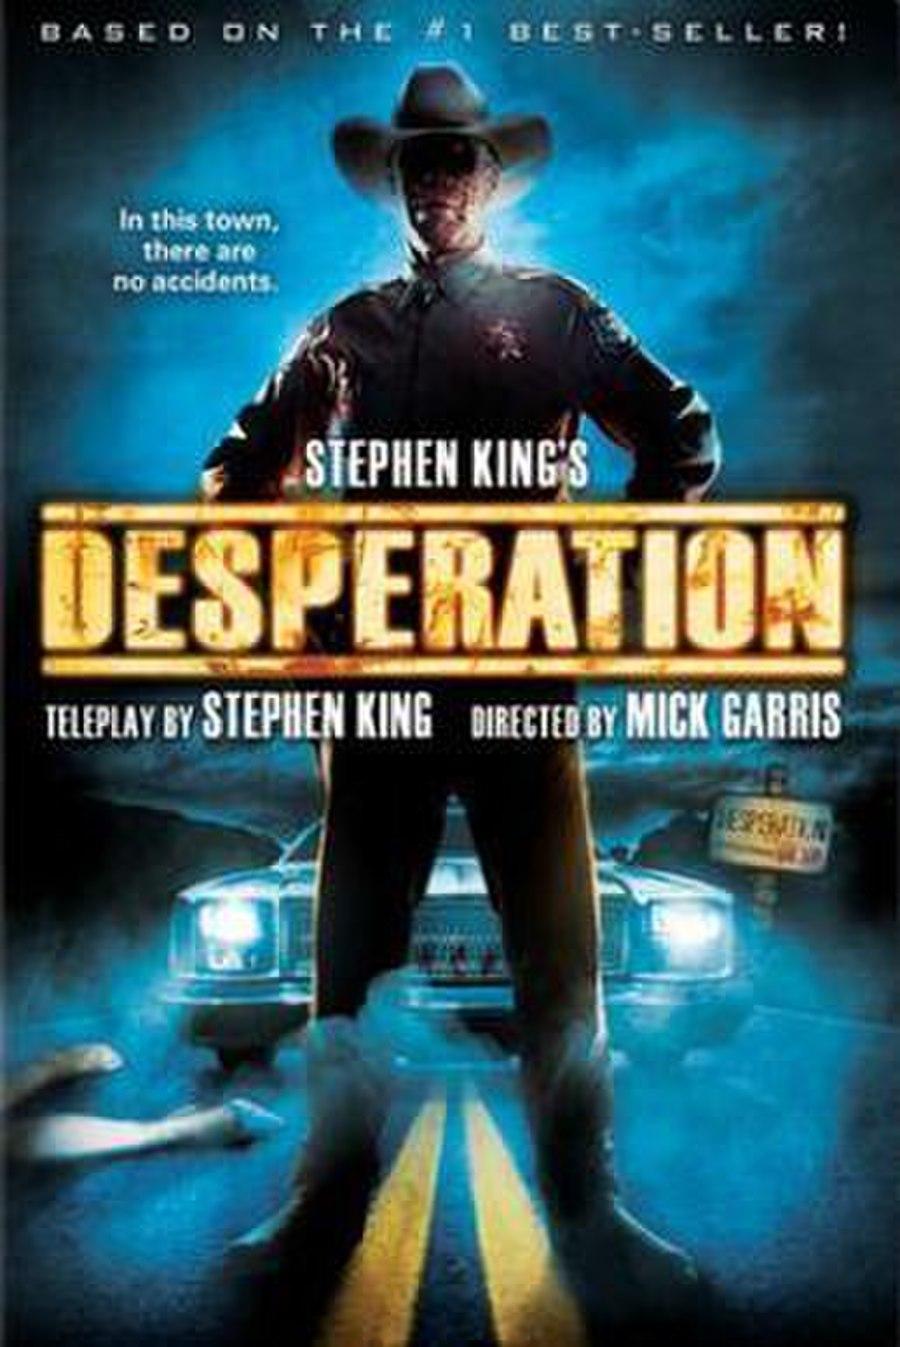 Stephen King's Desperation